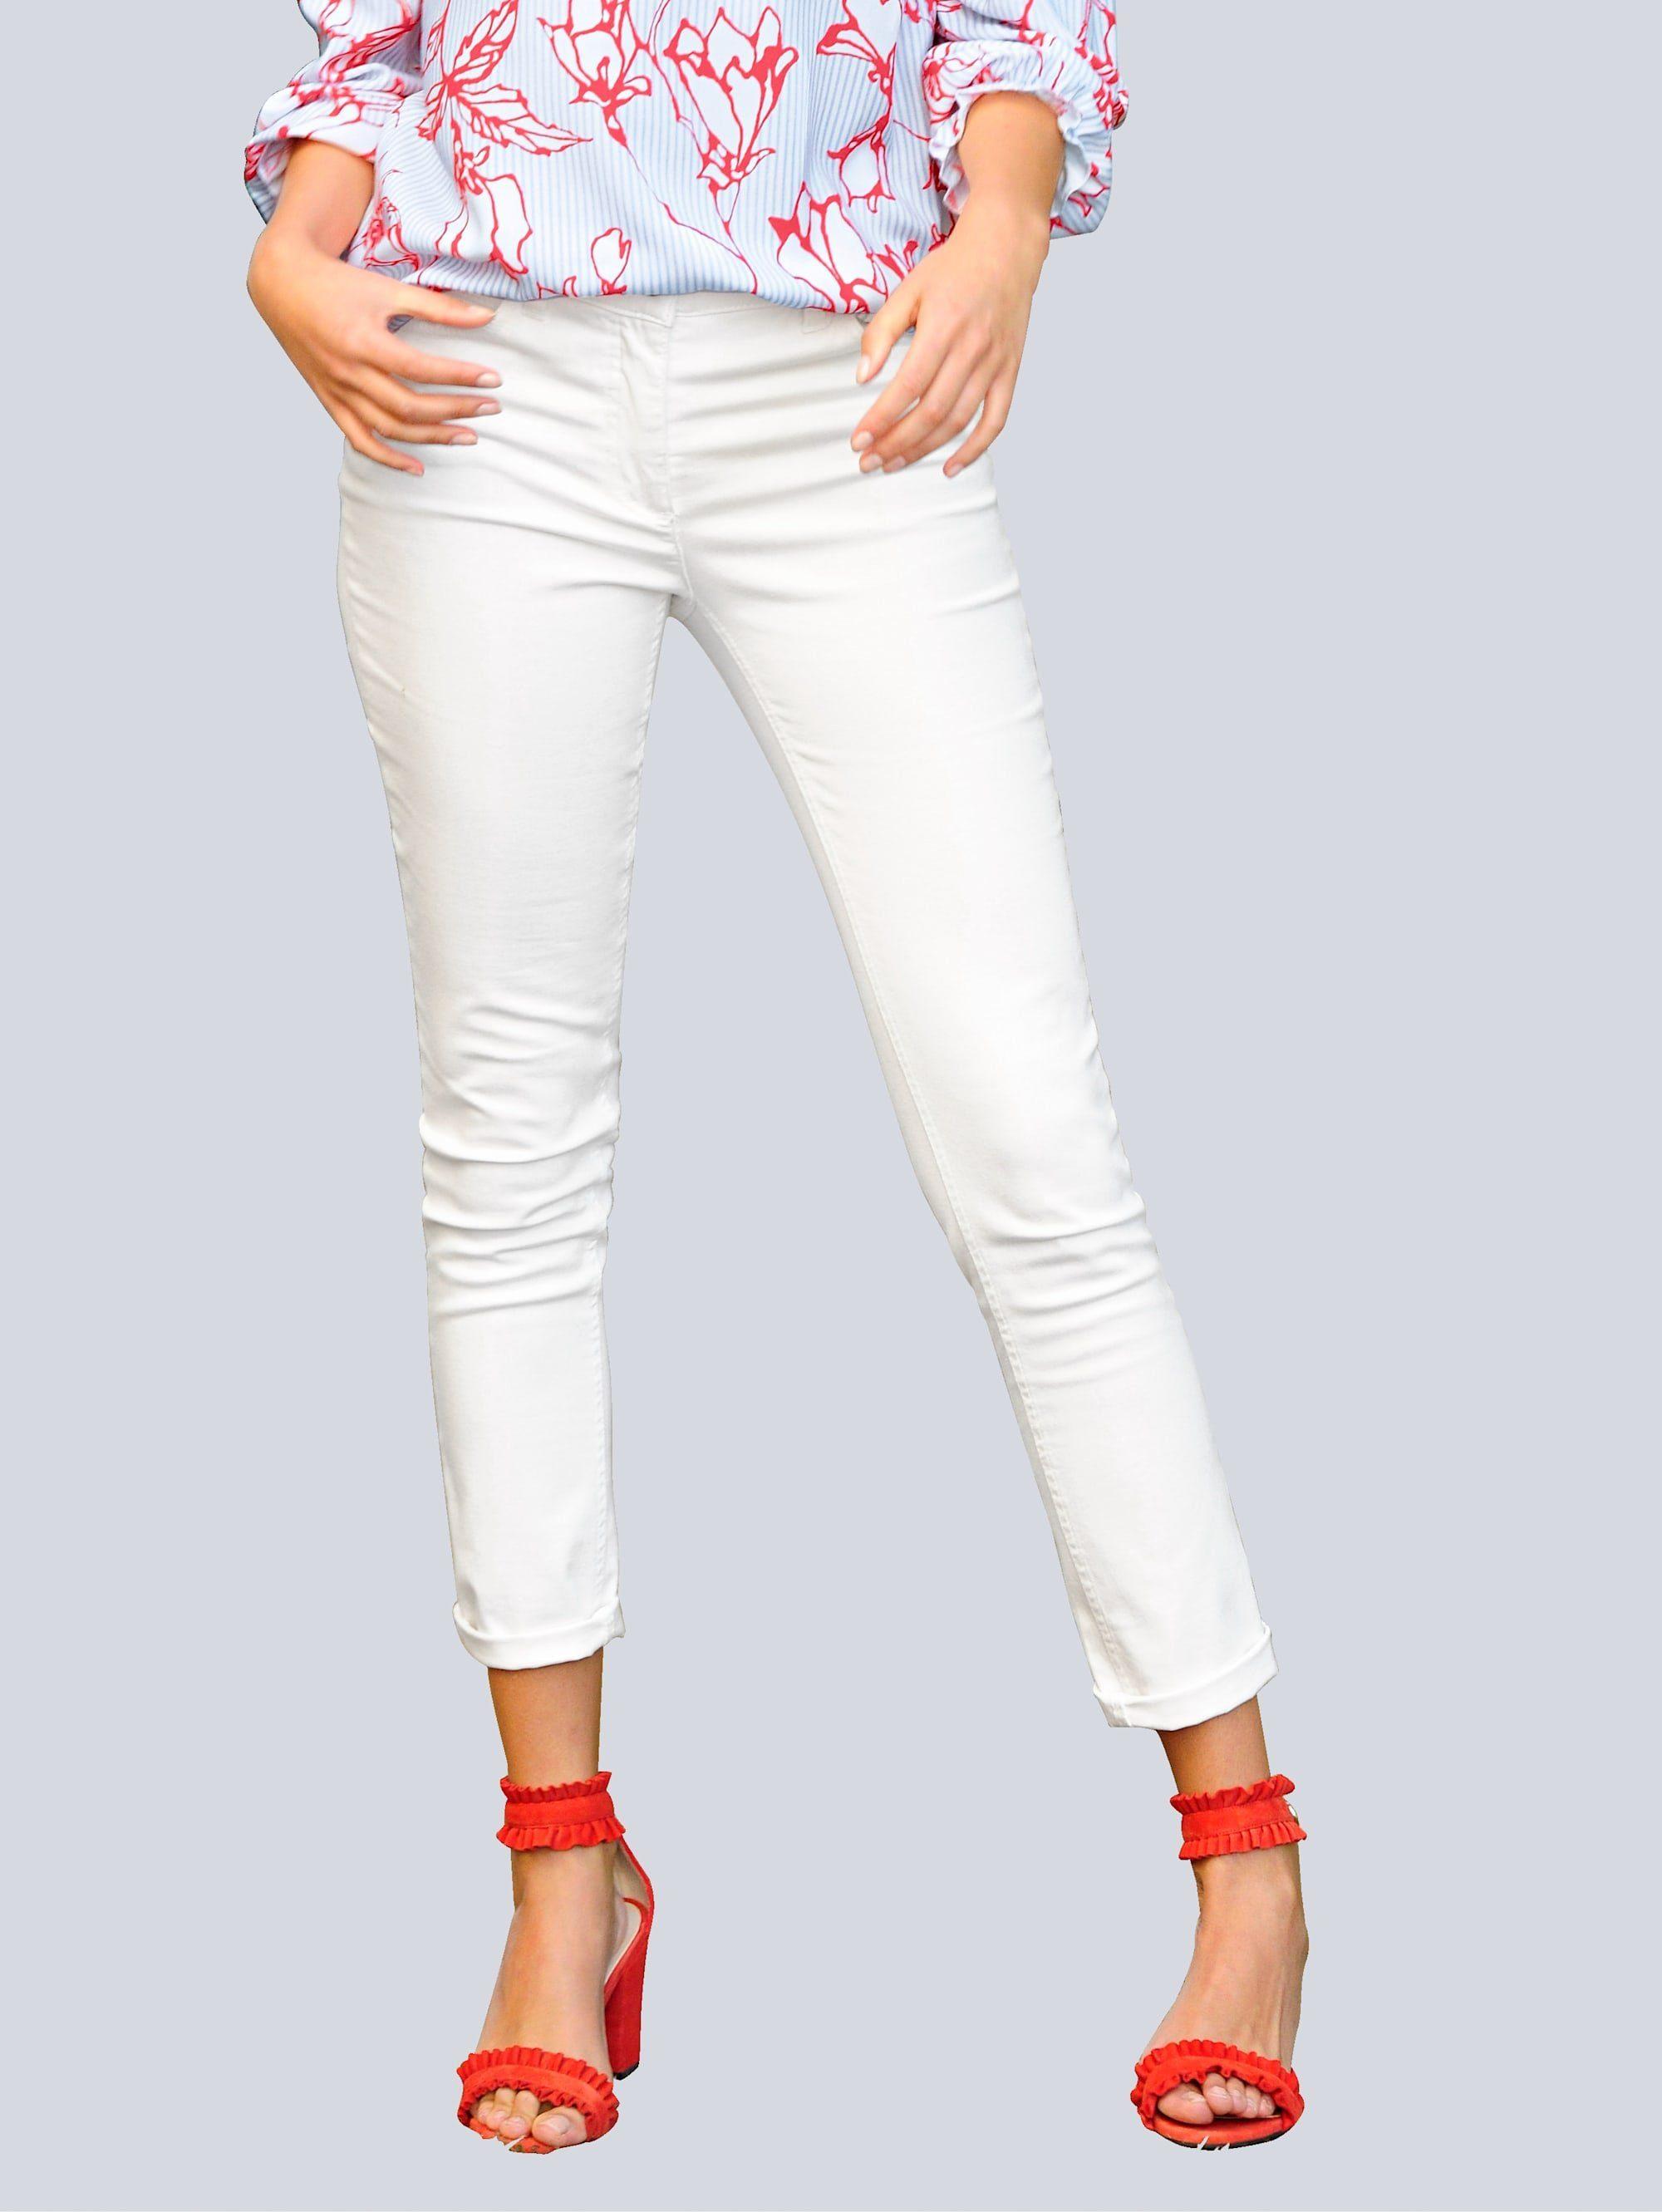 Alba Moda Jeans mit Push up Funktion, Figurgünstige Schnittführung online kaufen | OTTO